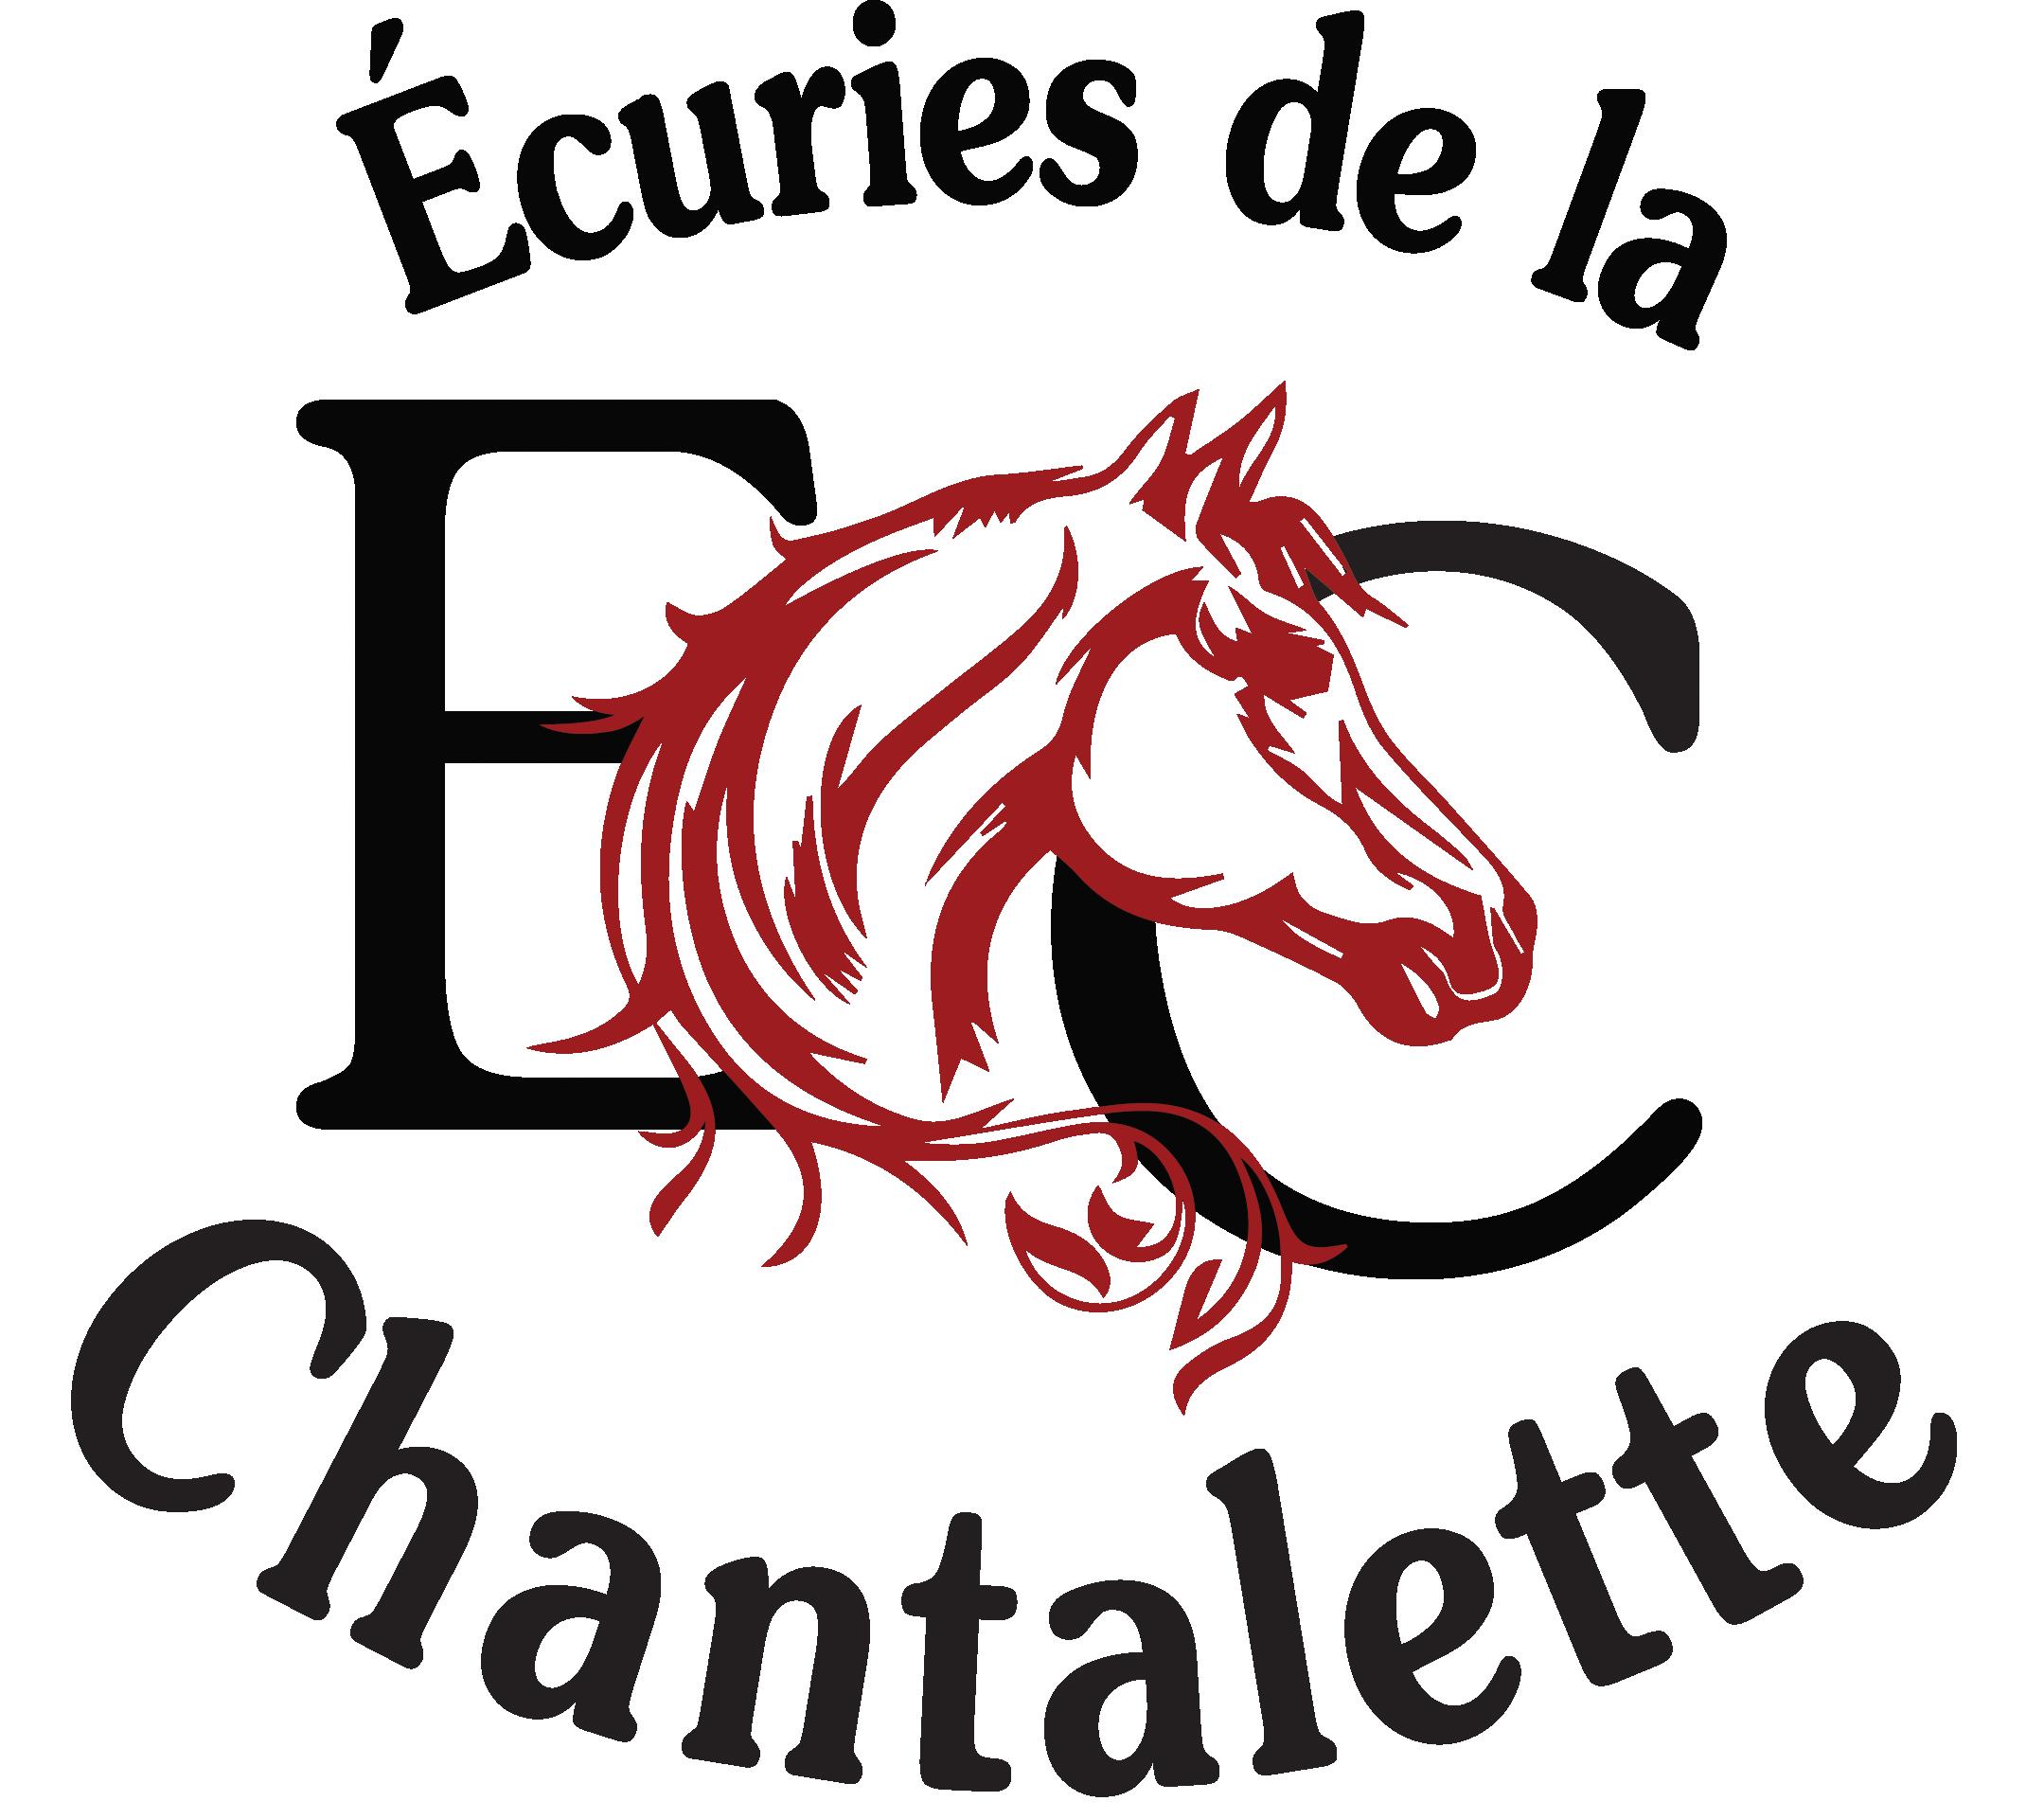 Écuries de la Chantalette, centre équestre à Marsillargues (34)